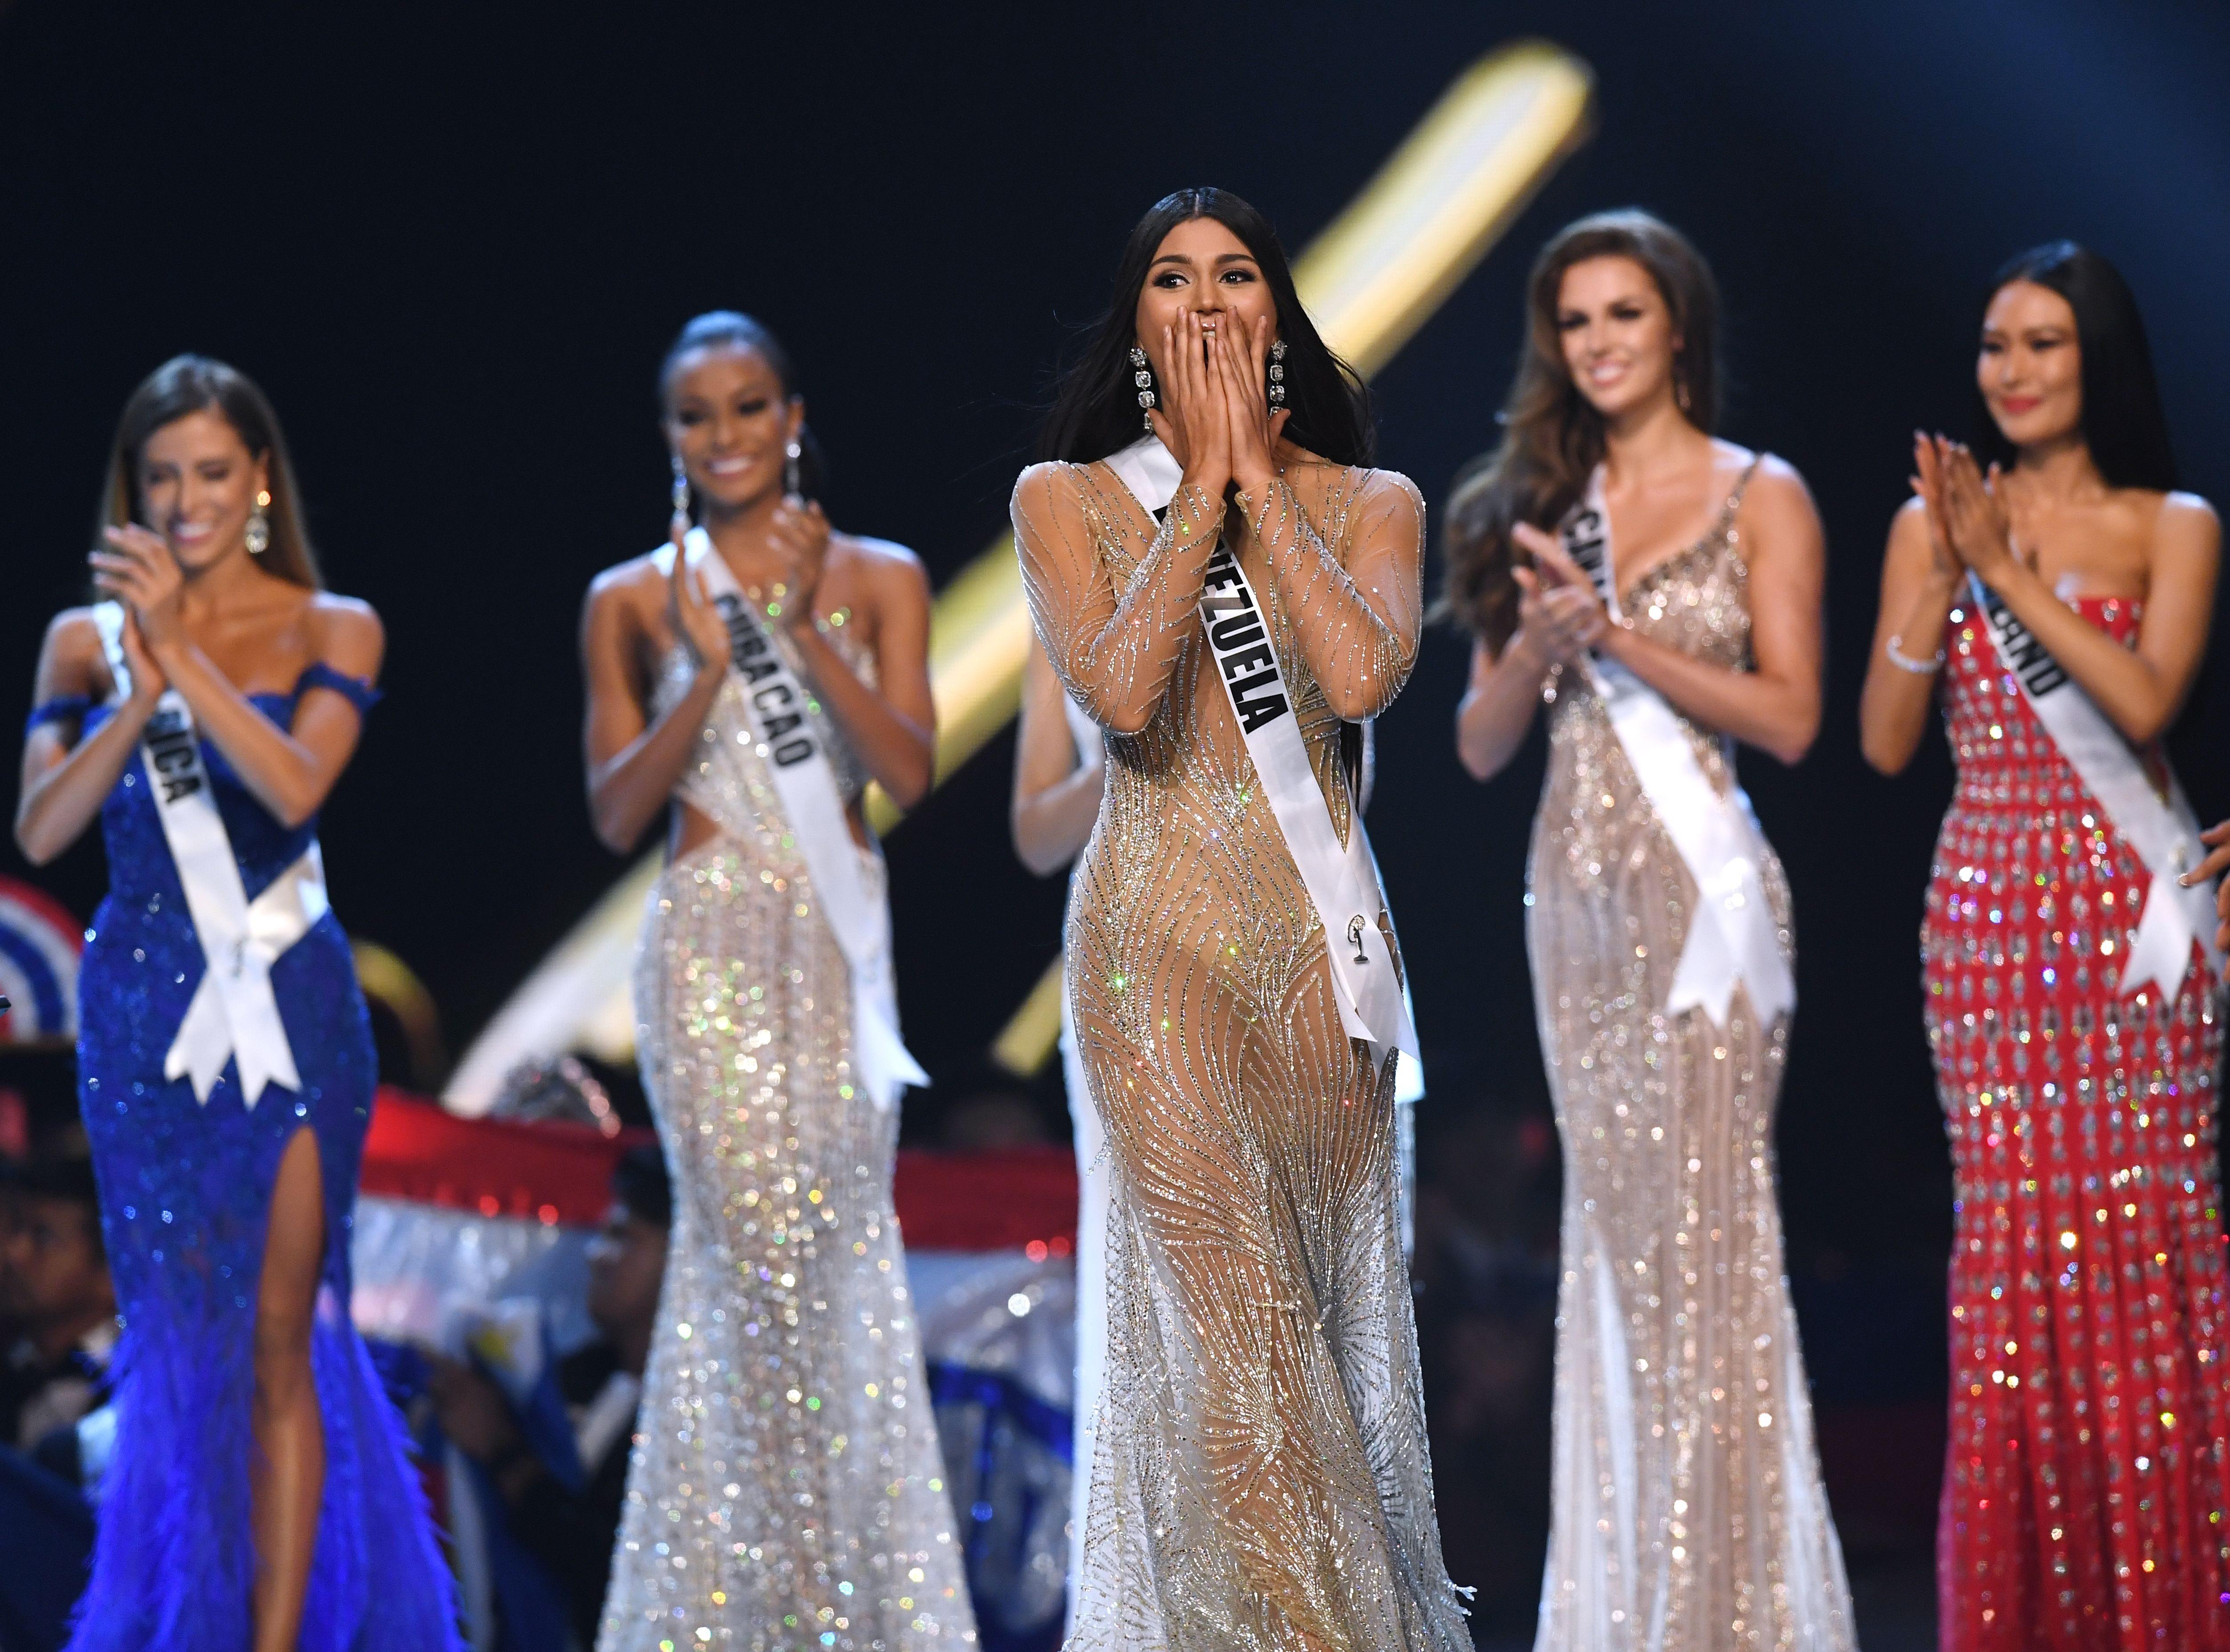 Sthefany Gutiérrez (centro) de Venezuela reacciona después de haber sido seleccionada entre las cinco mejores finalistas en el concurso Miss Universo de 2018 en Bangkok el 17 de diciembre de 2018.